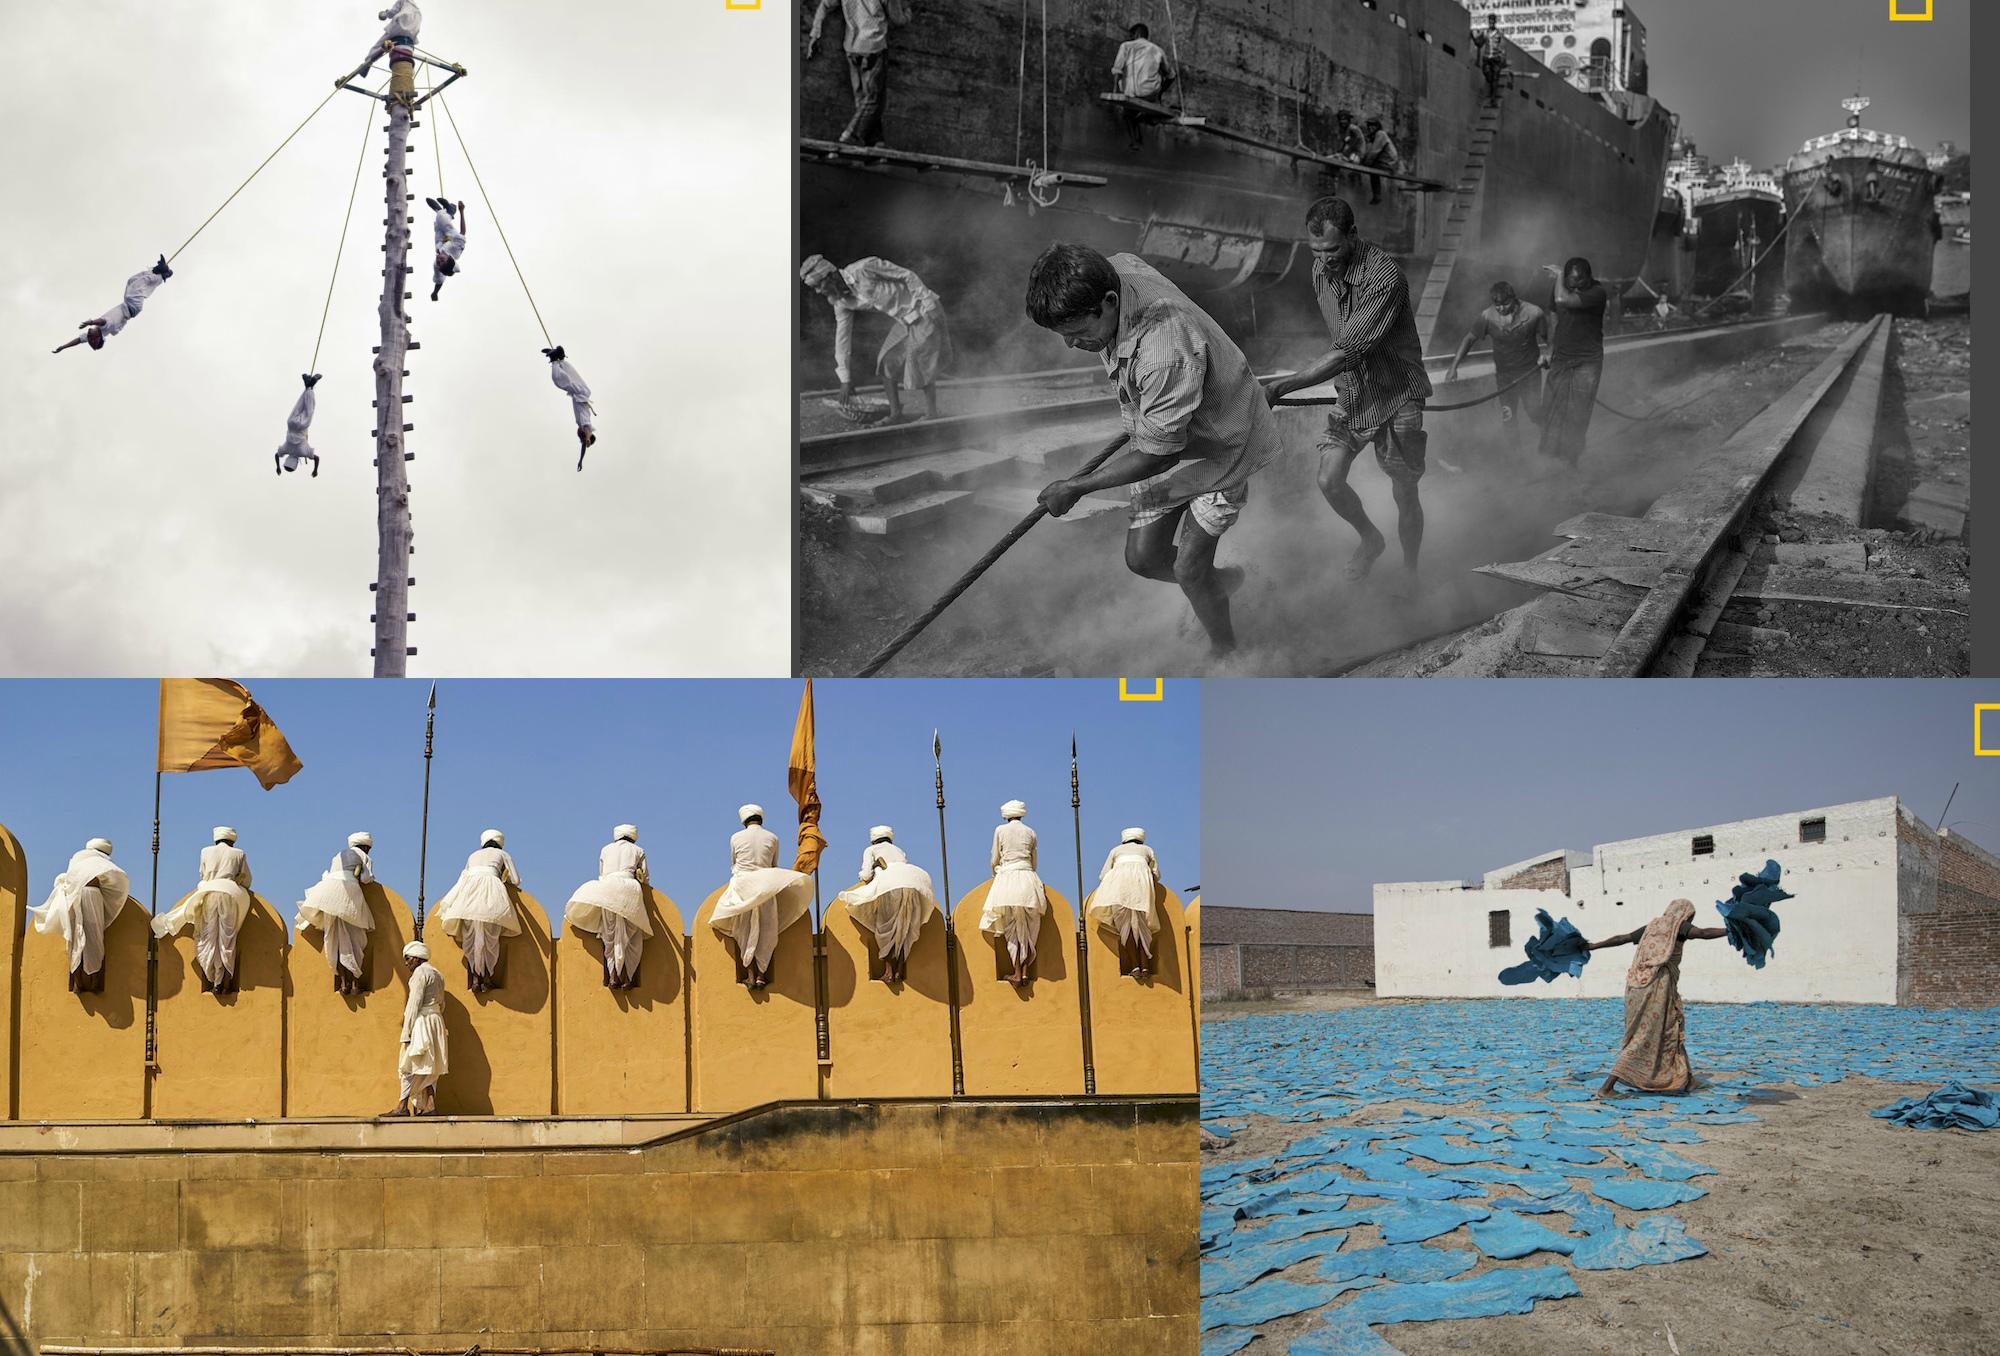 Ուշագրավ լուսանկարներ՝ National Geographic 2018 ֆոտոմրցույթից (ֆոտոշարք)